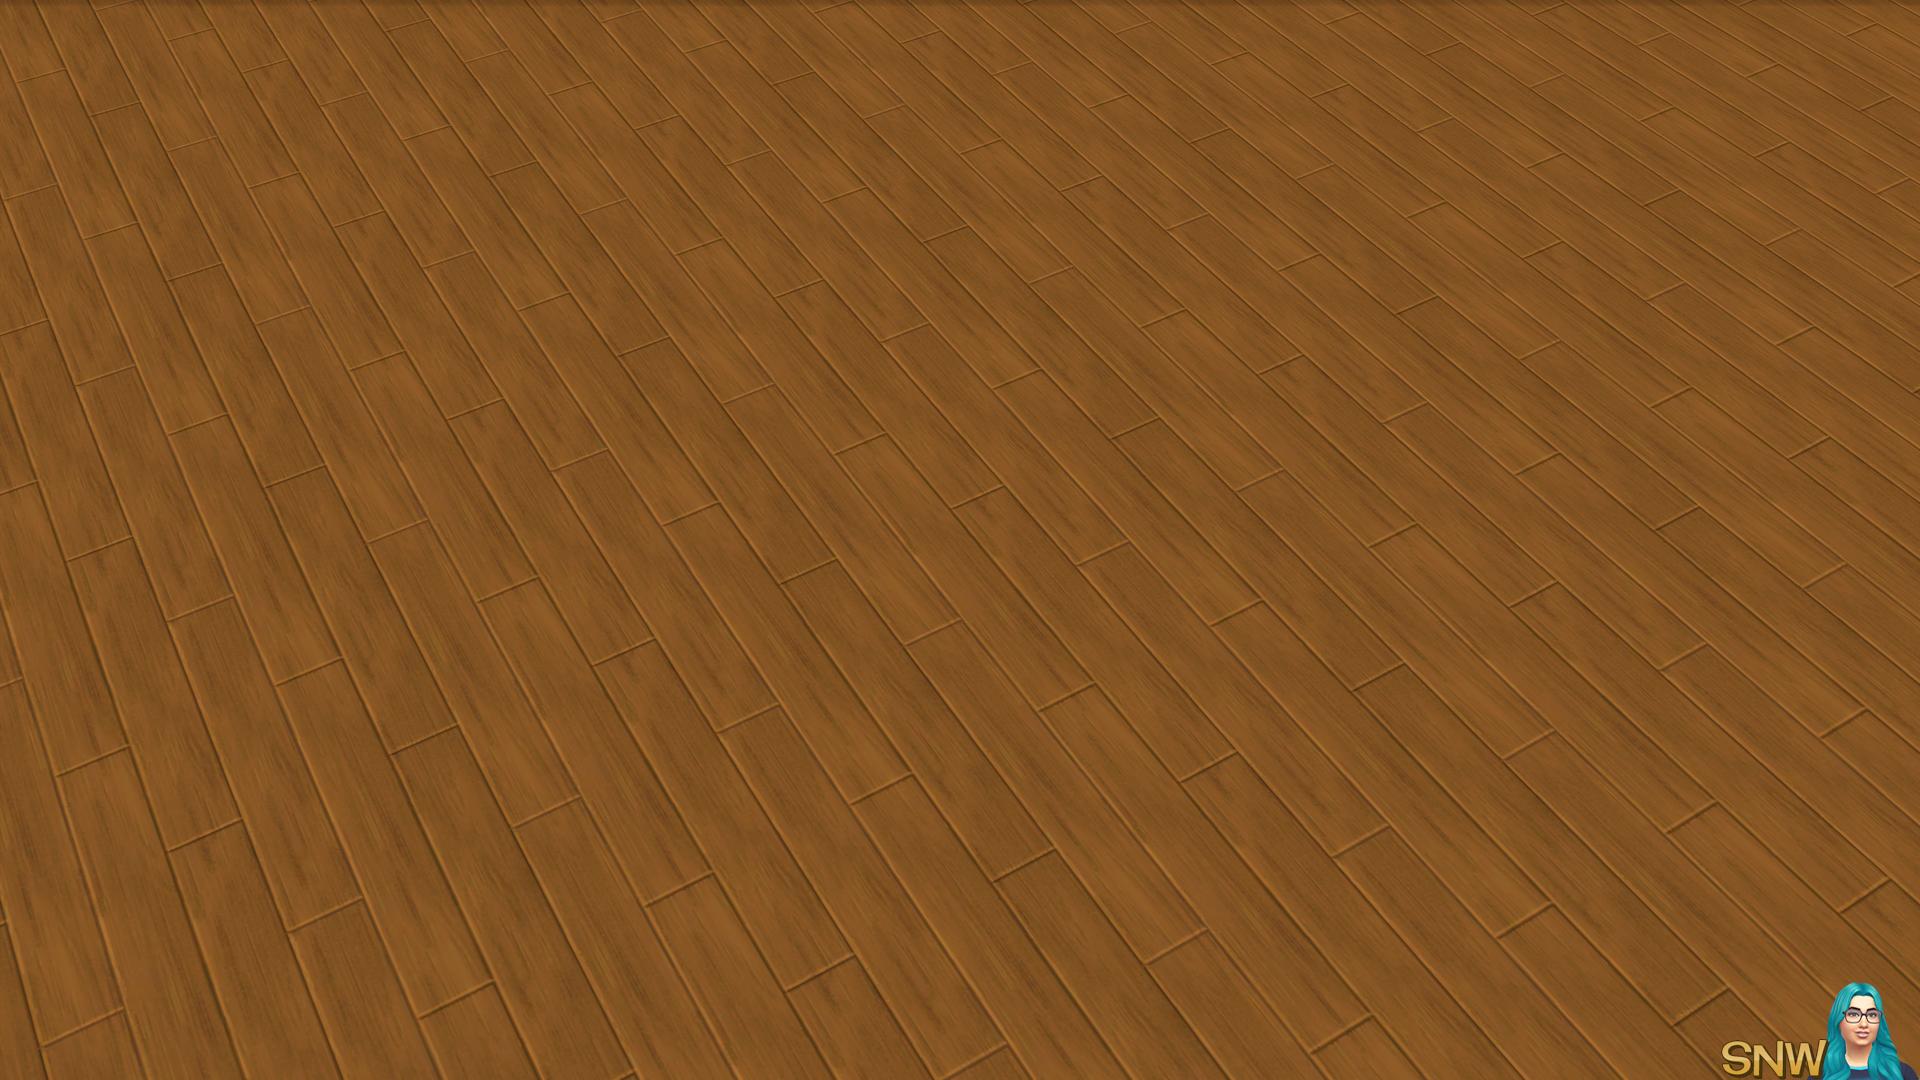 Wooden Planks Floor